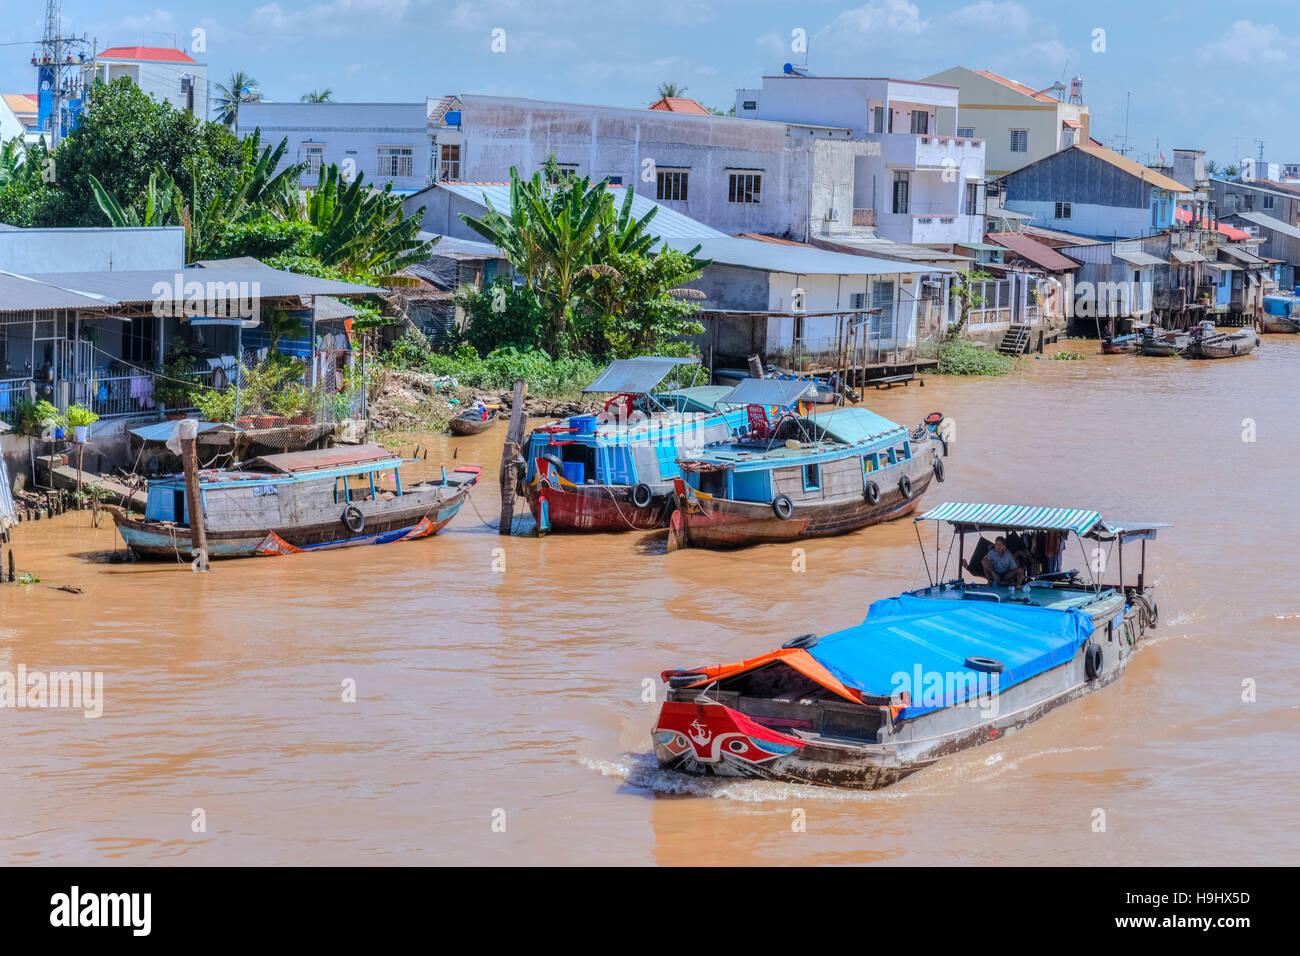 https://c7.alamy.com/compfr/h9hx5d/la-vie-le-long-du-mekong-dans-la-region-de-vinh-long-delta-du-mekong-vietnam-asie-h9hx5d.jpg